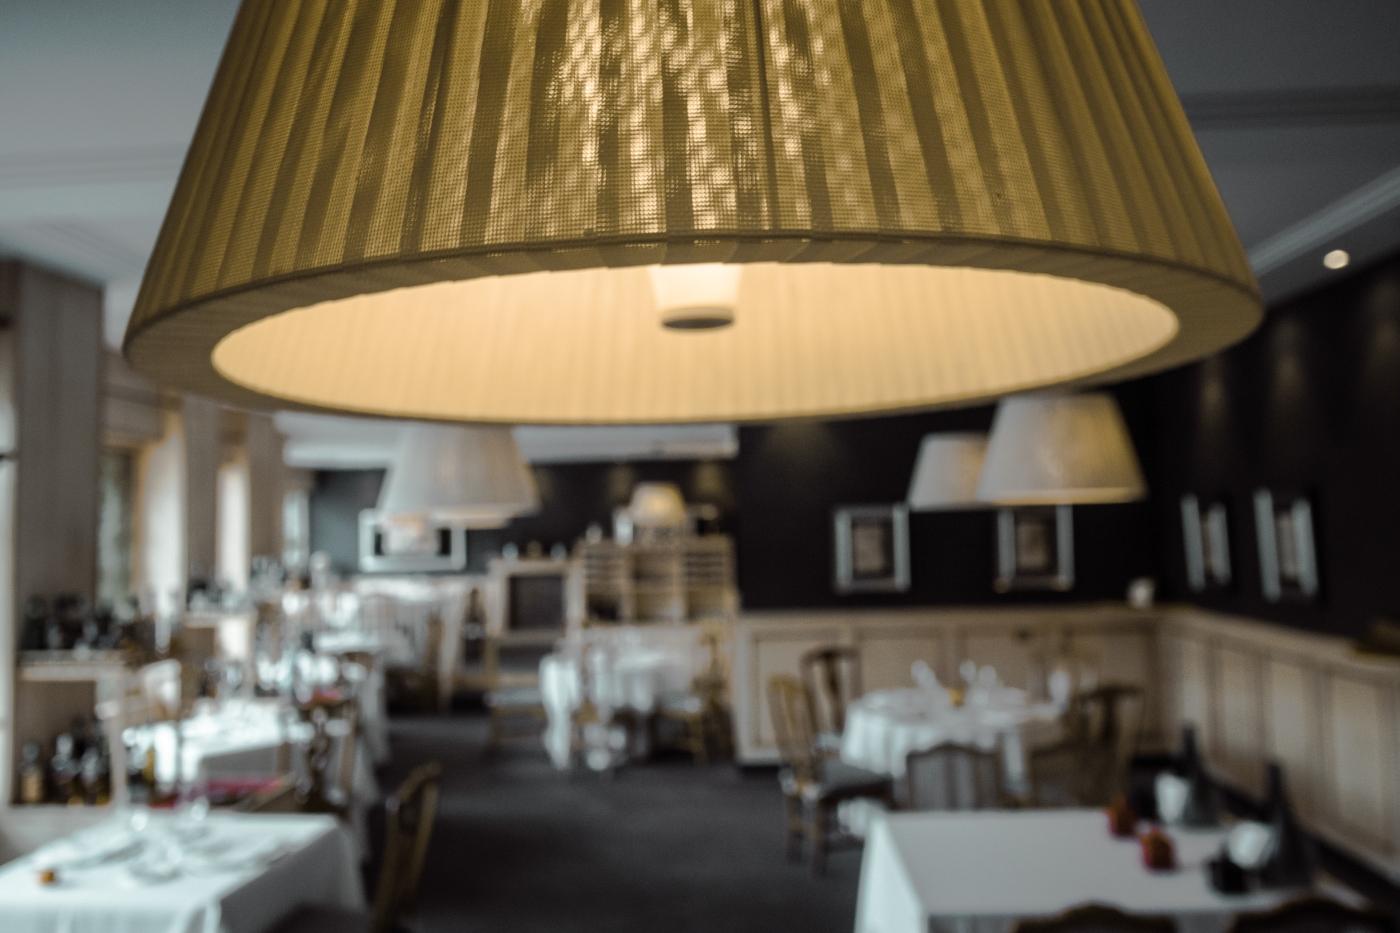 BAITABILBAO-baitabilbao-restaurante en bilbao-restaurante-bilbao-restaurantes bilbao146